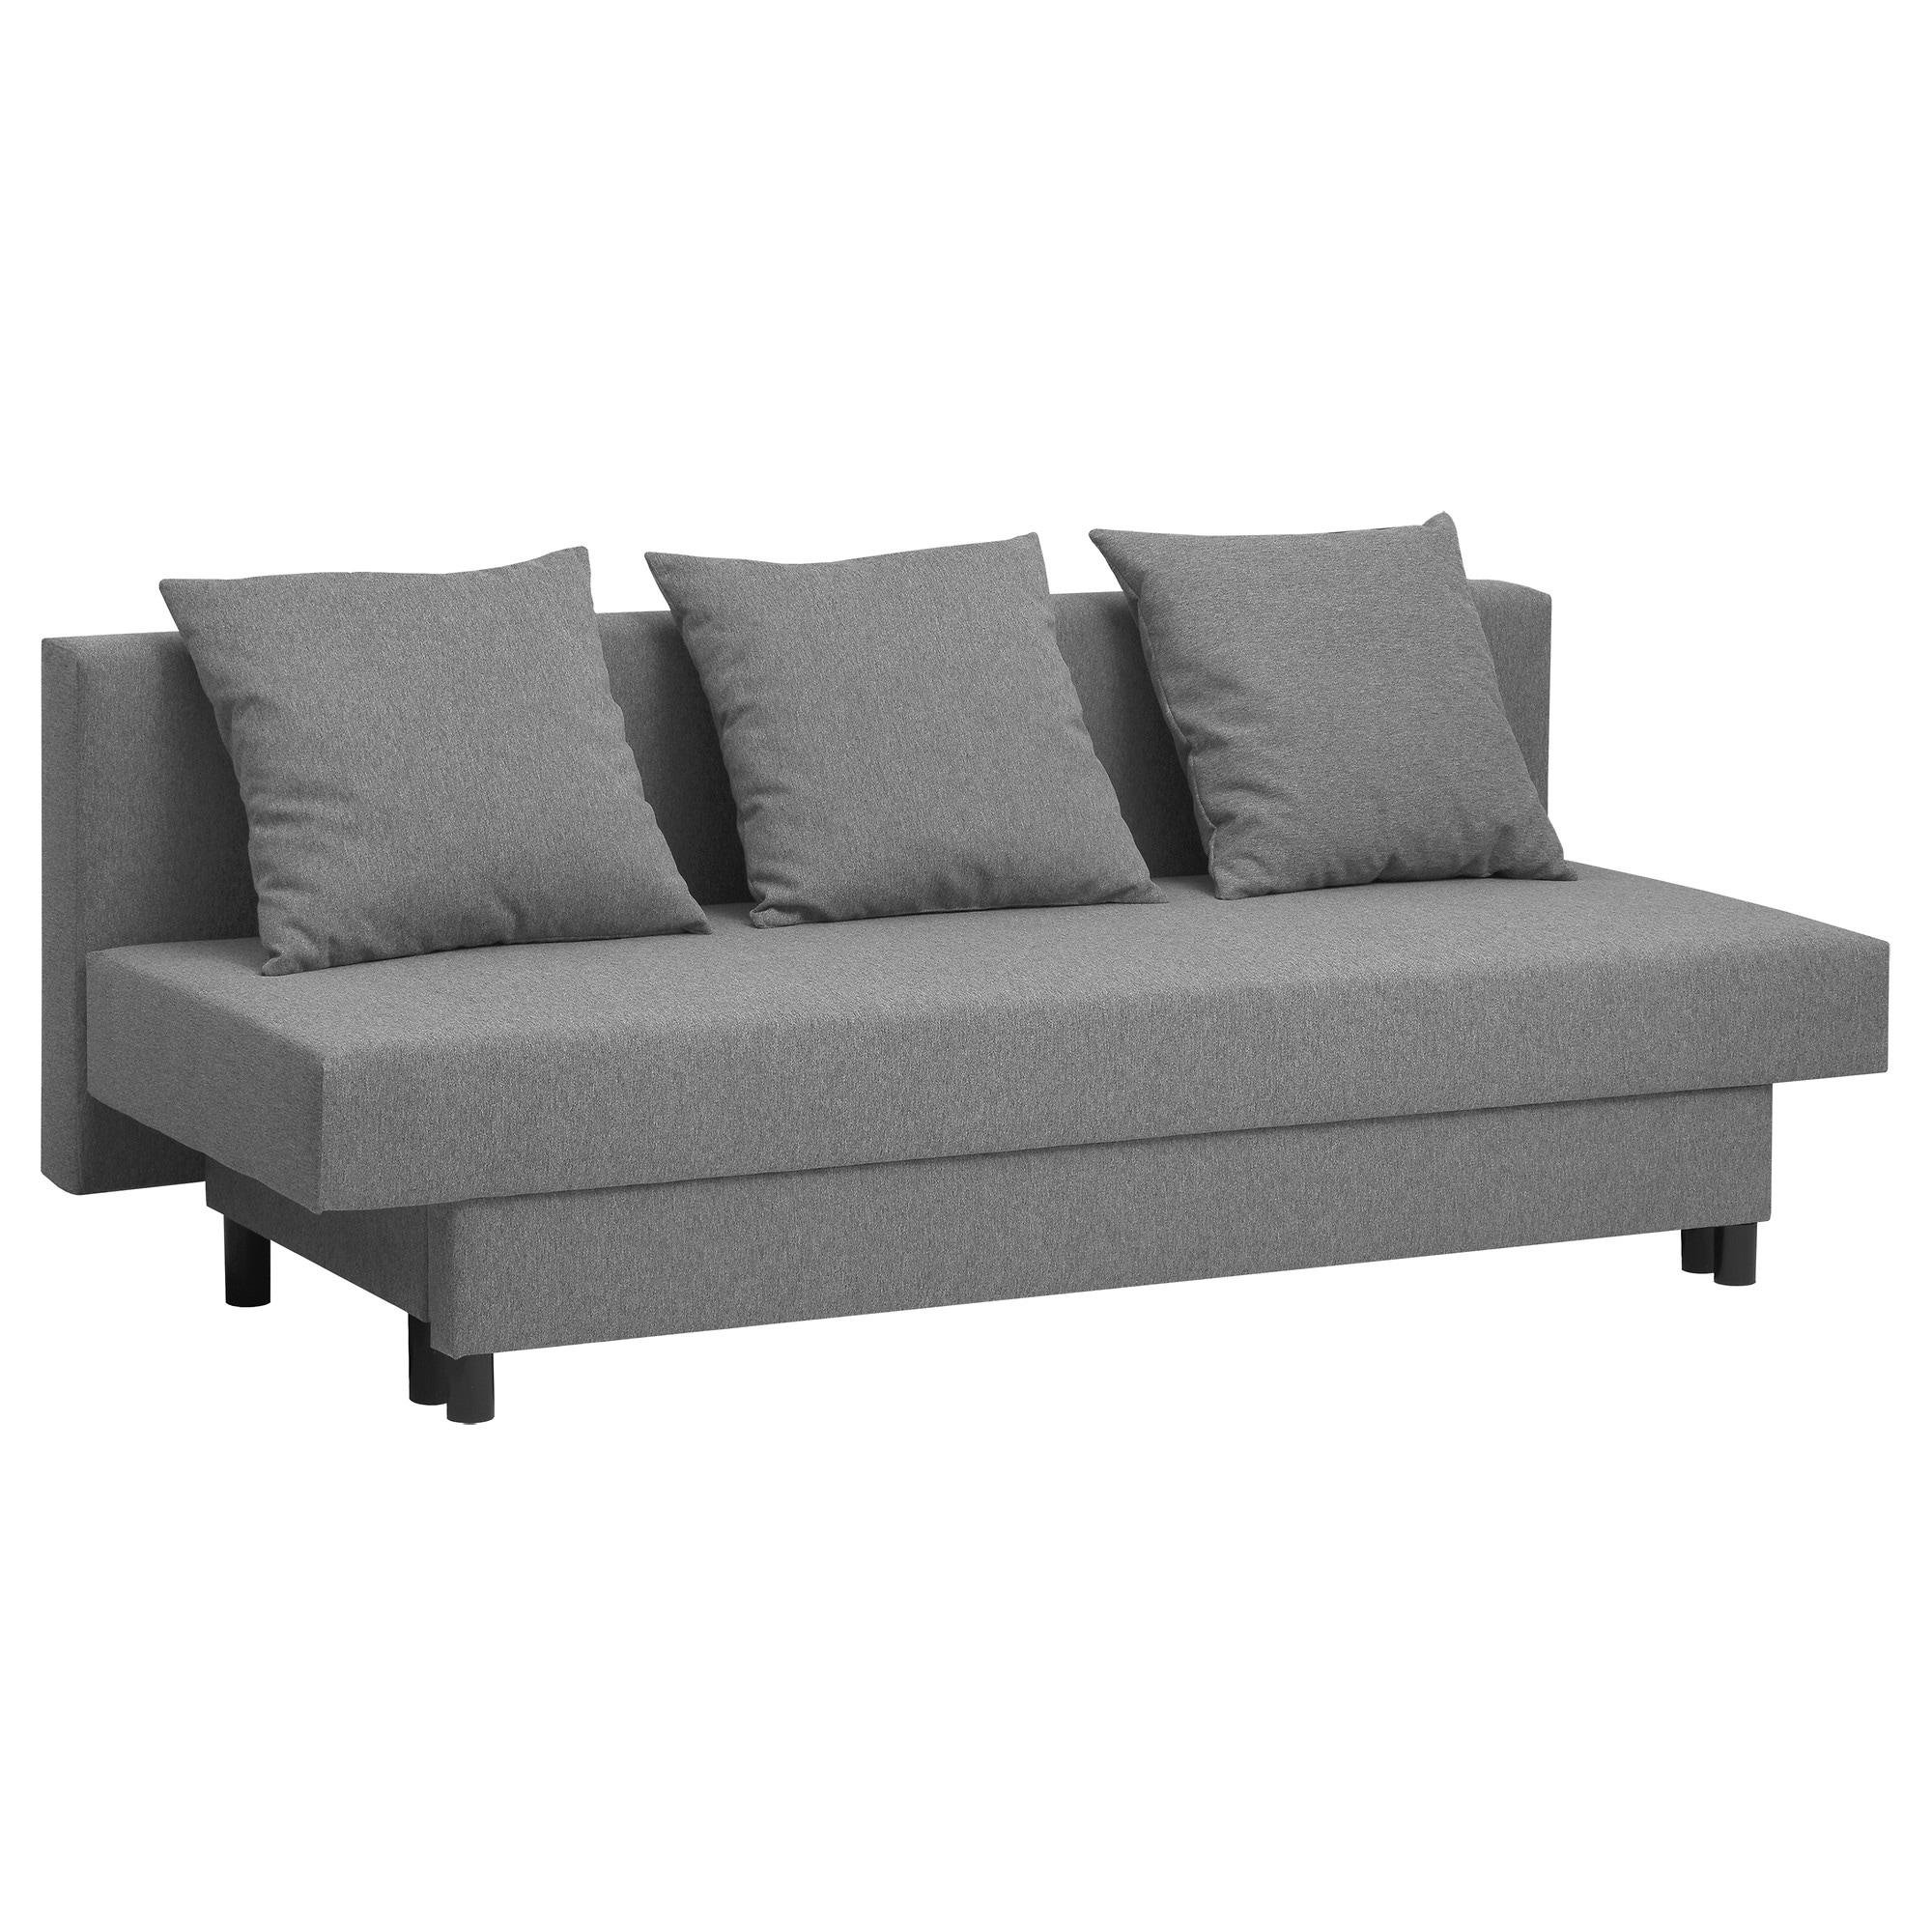 Sofa Cama Dos Plazas Ikea Wddj sofà S Cama De Calidad Pra Online Ikea